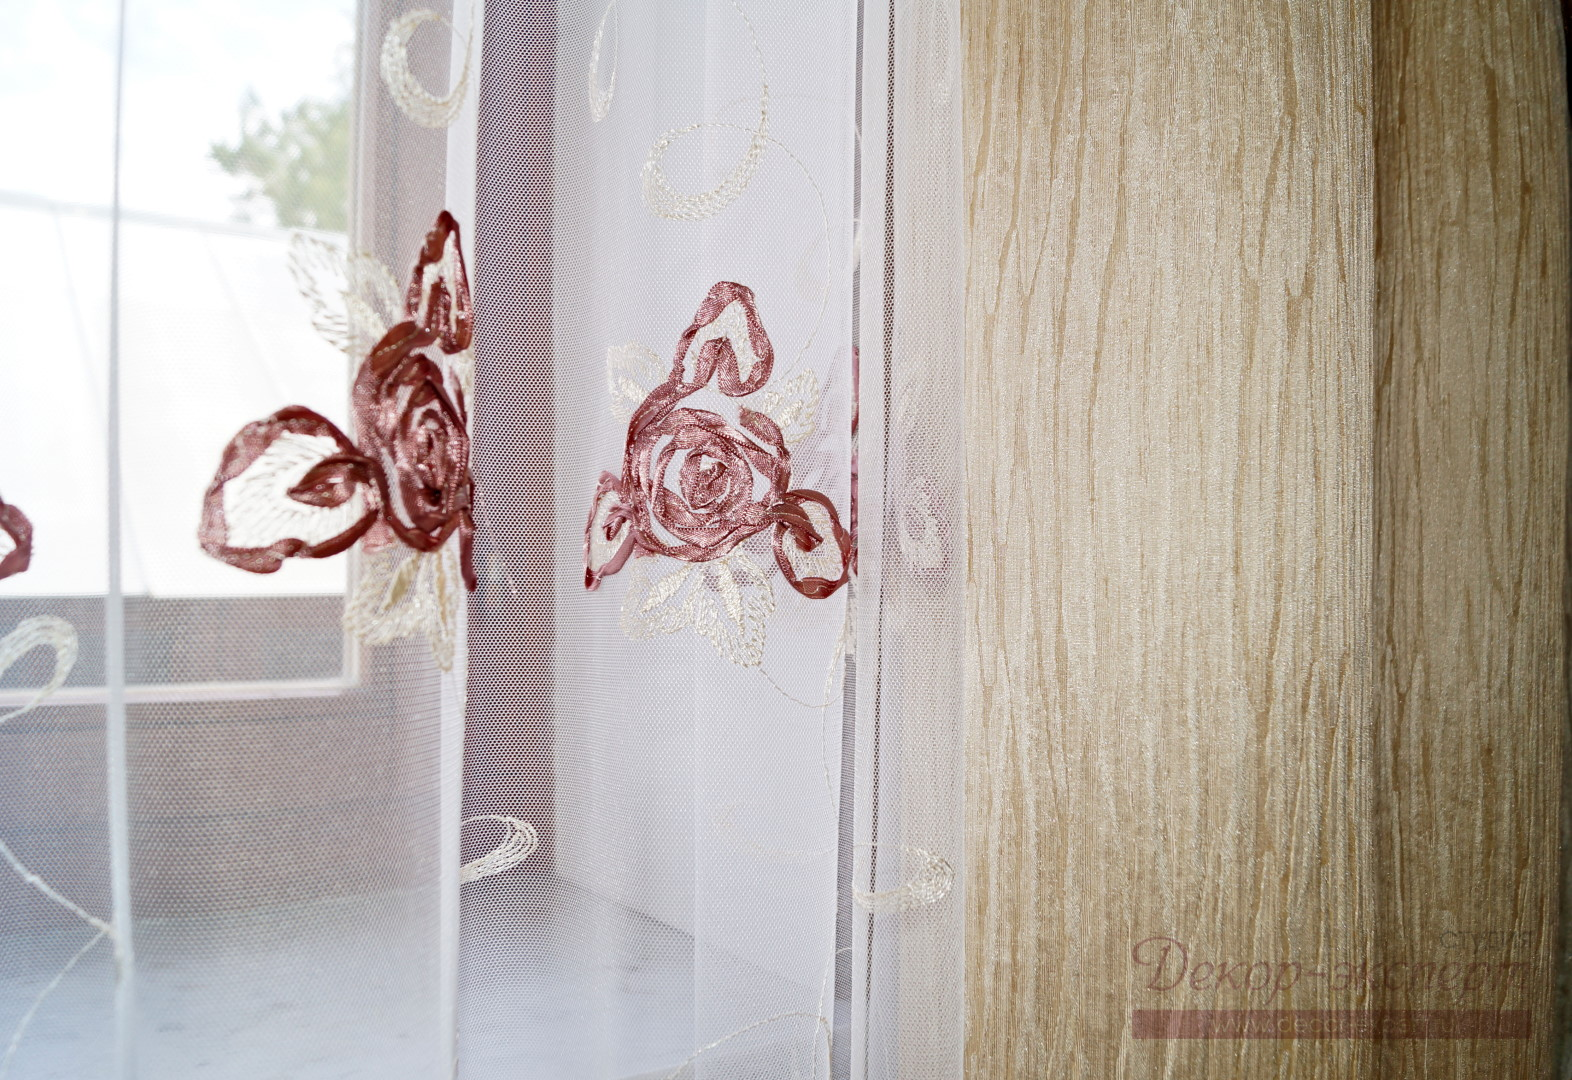 Фото фрагмента сетки грек с вышивкой лентами и портьерной ткани молочного цвета.